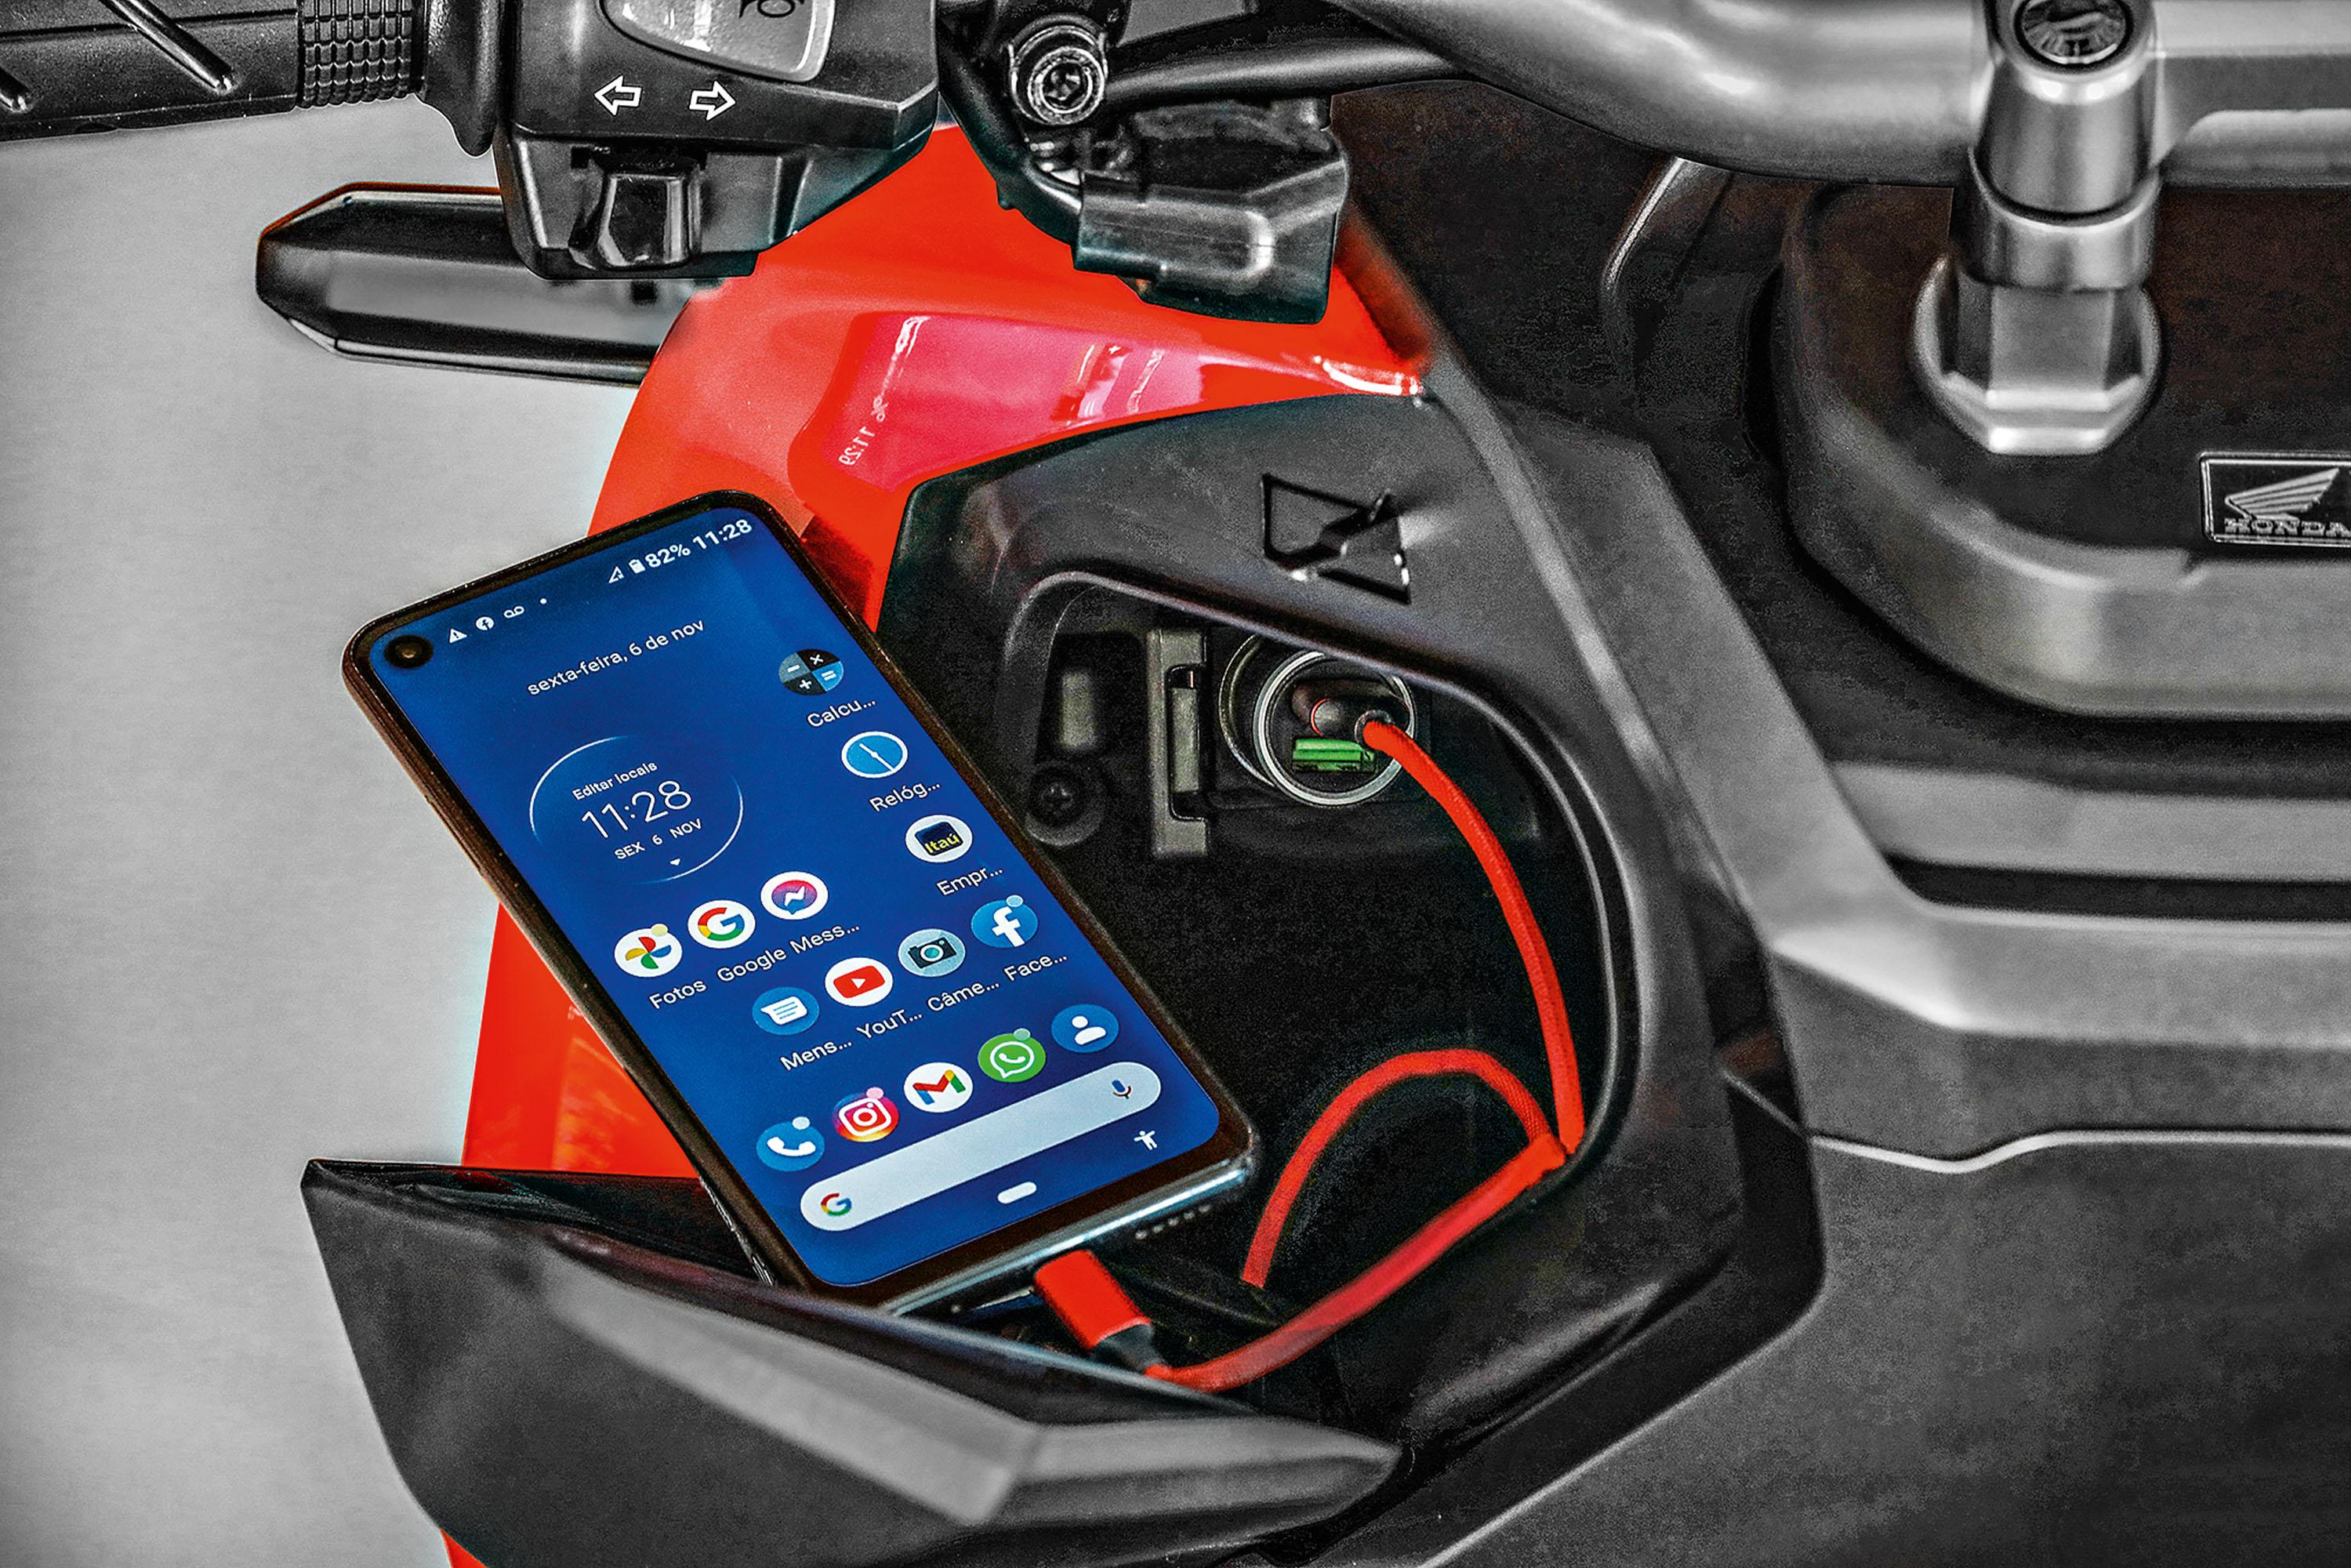 Celular sendo carregado no painel da Honda ADV